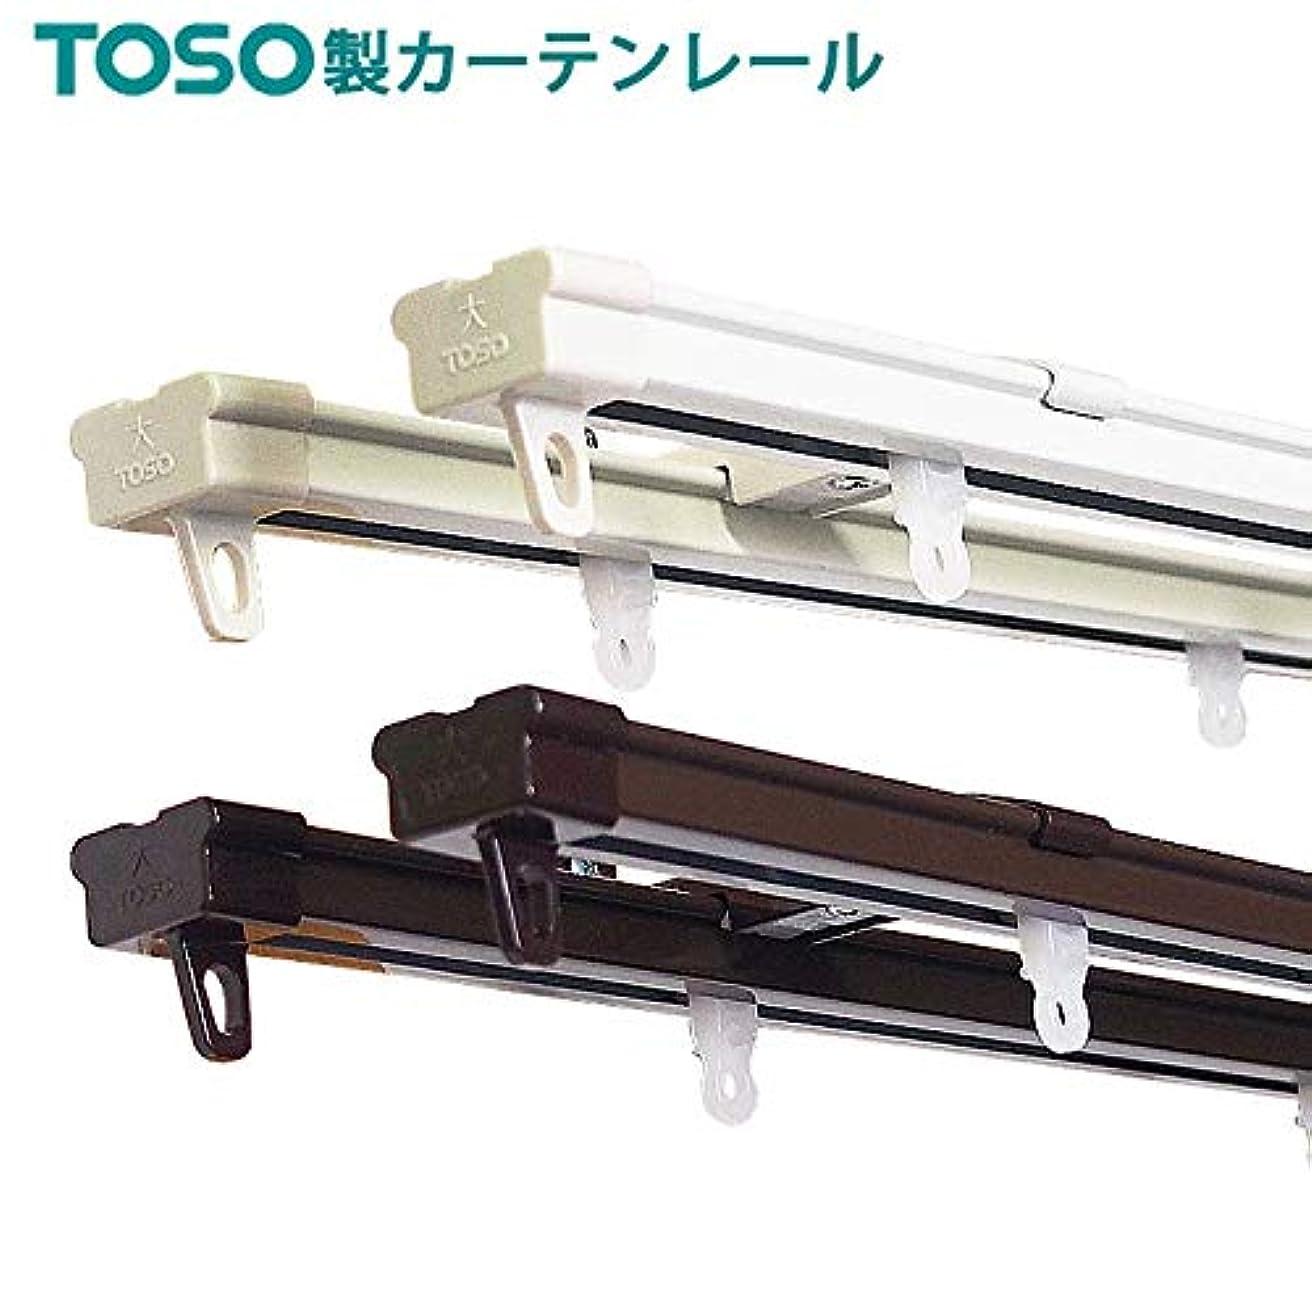 考古学めまい雇用者TOSO 伸縮カーテンレールダブル 【1.1m~2.0m用】ホワイト